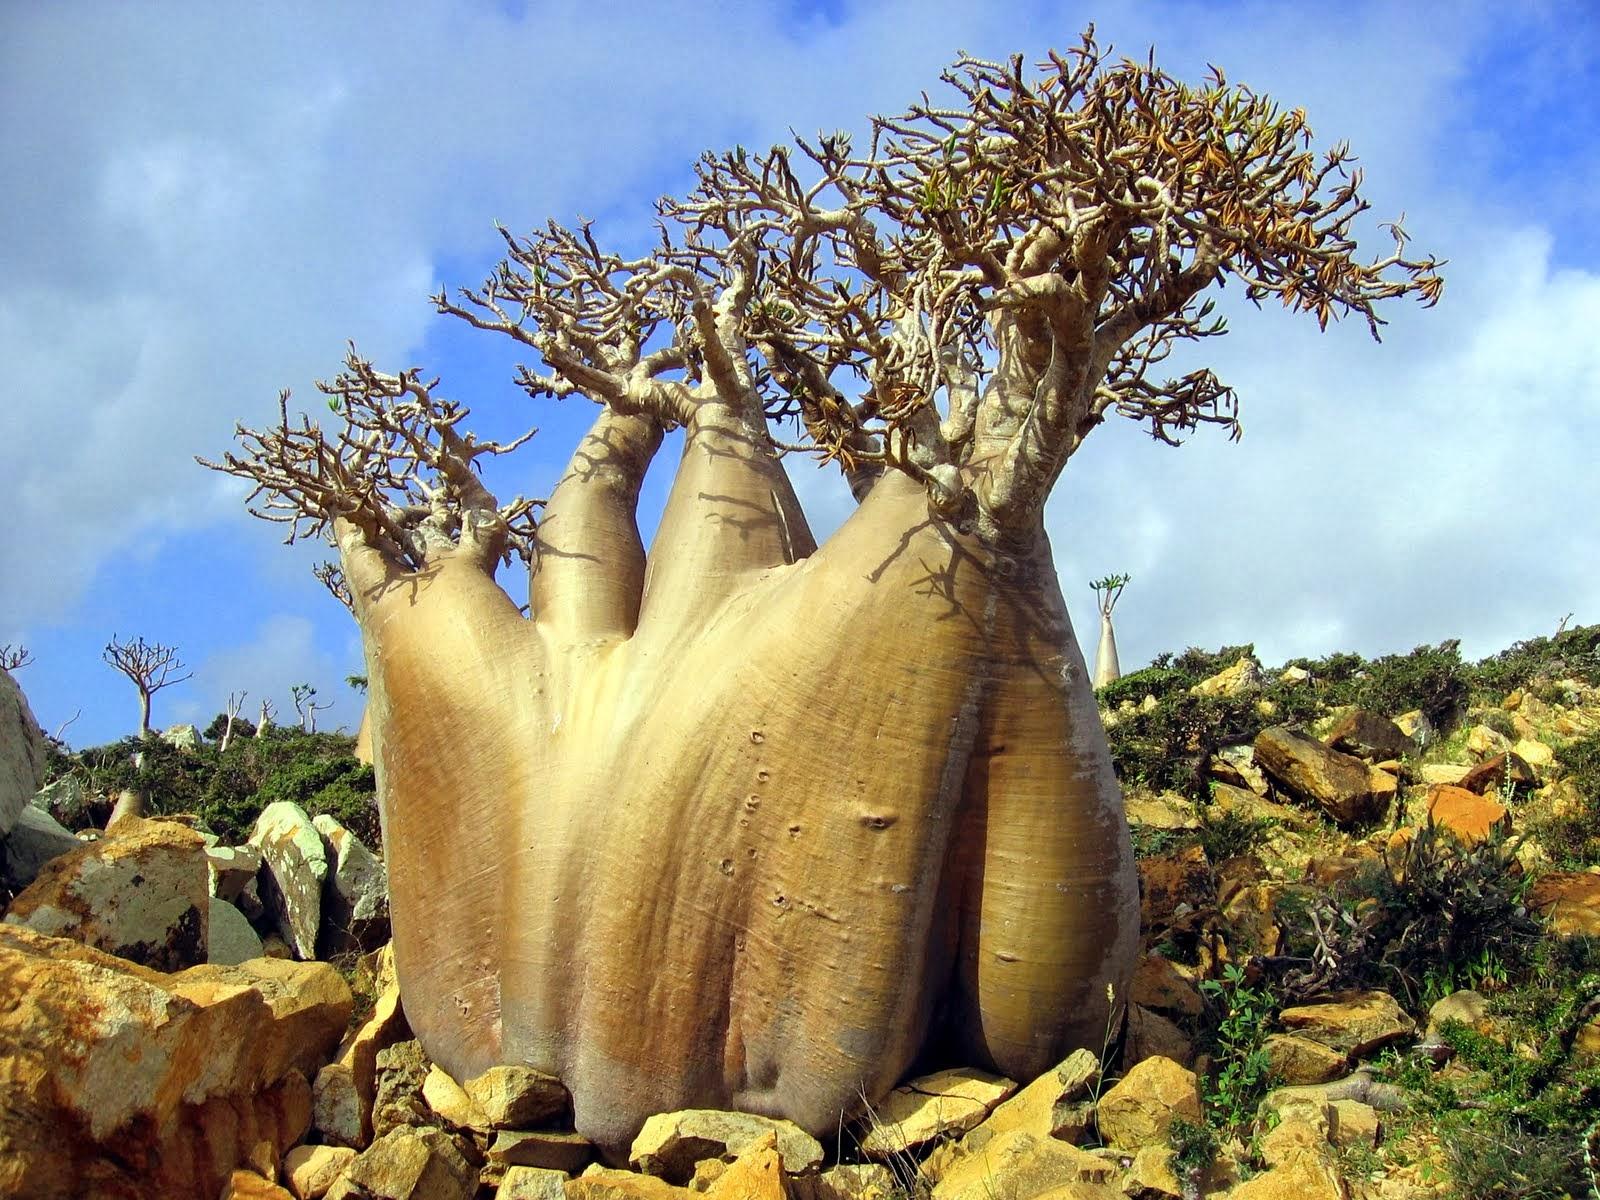 socotra+island+pulau+dajjal billyinfo2 Keanehan Pulau Socotra di Yemen, pulau Dimana DAJJAL Dirantai?